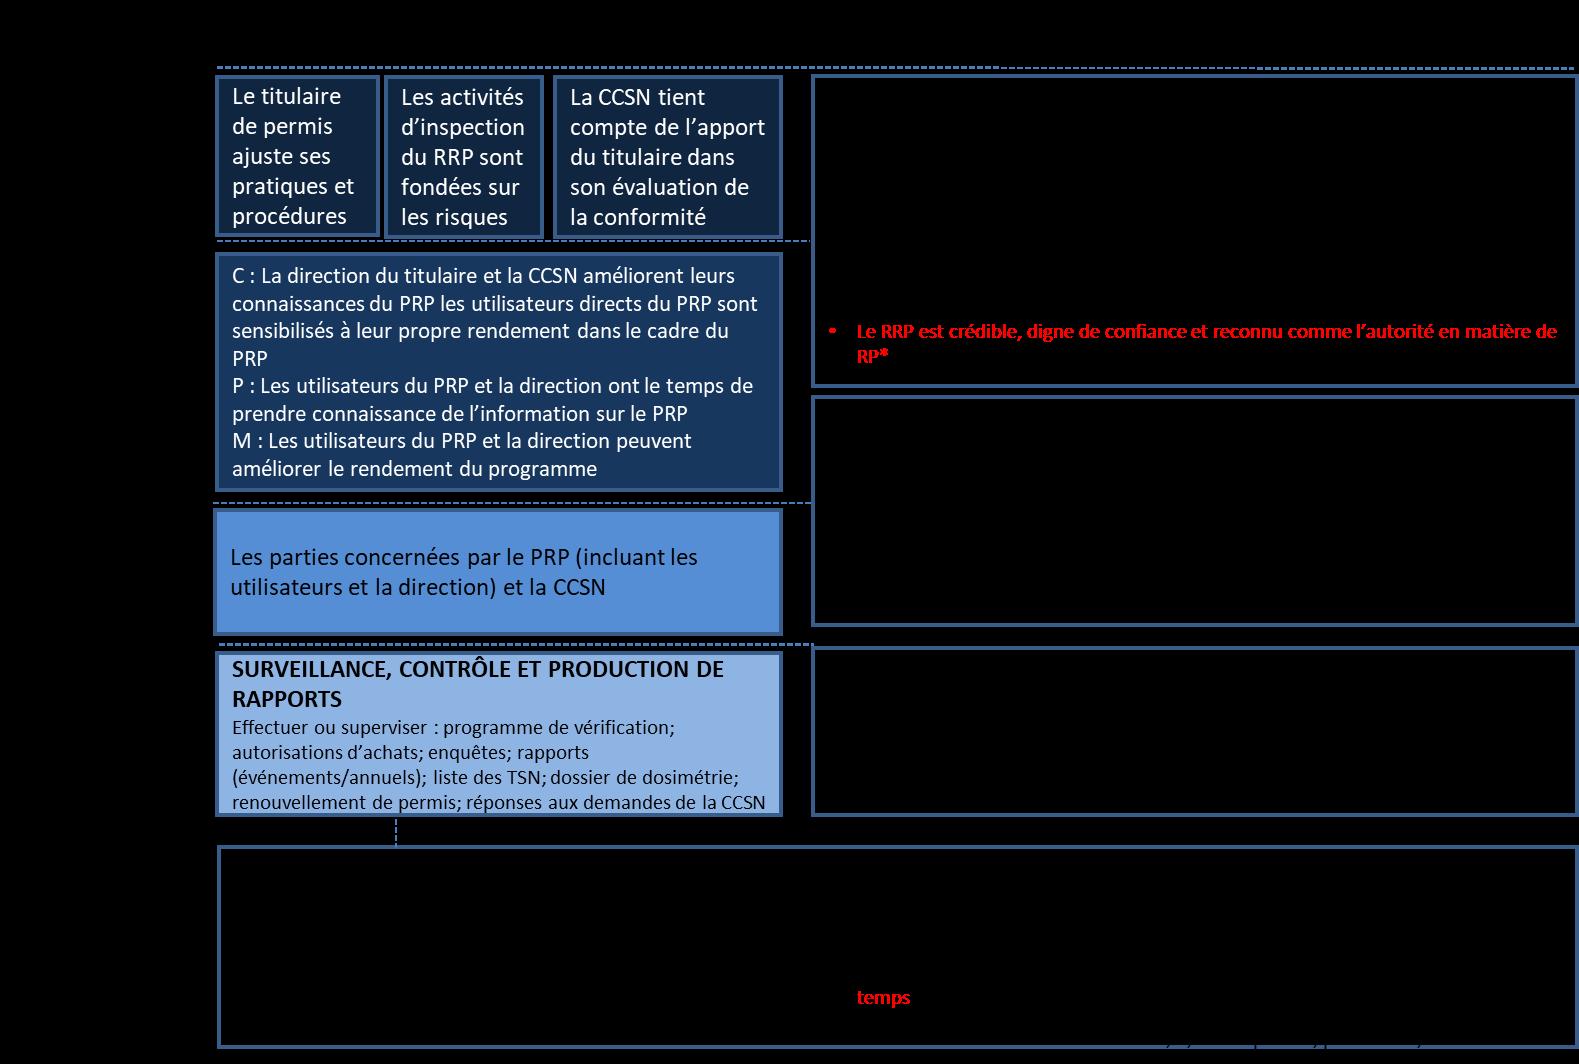 Trajectoire de surveillance, de contrôle et de production de rapports